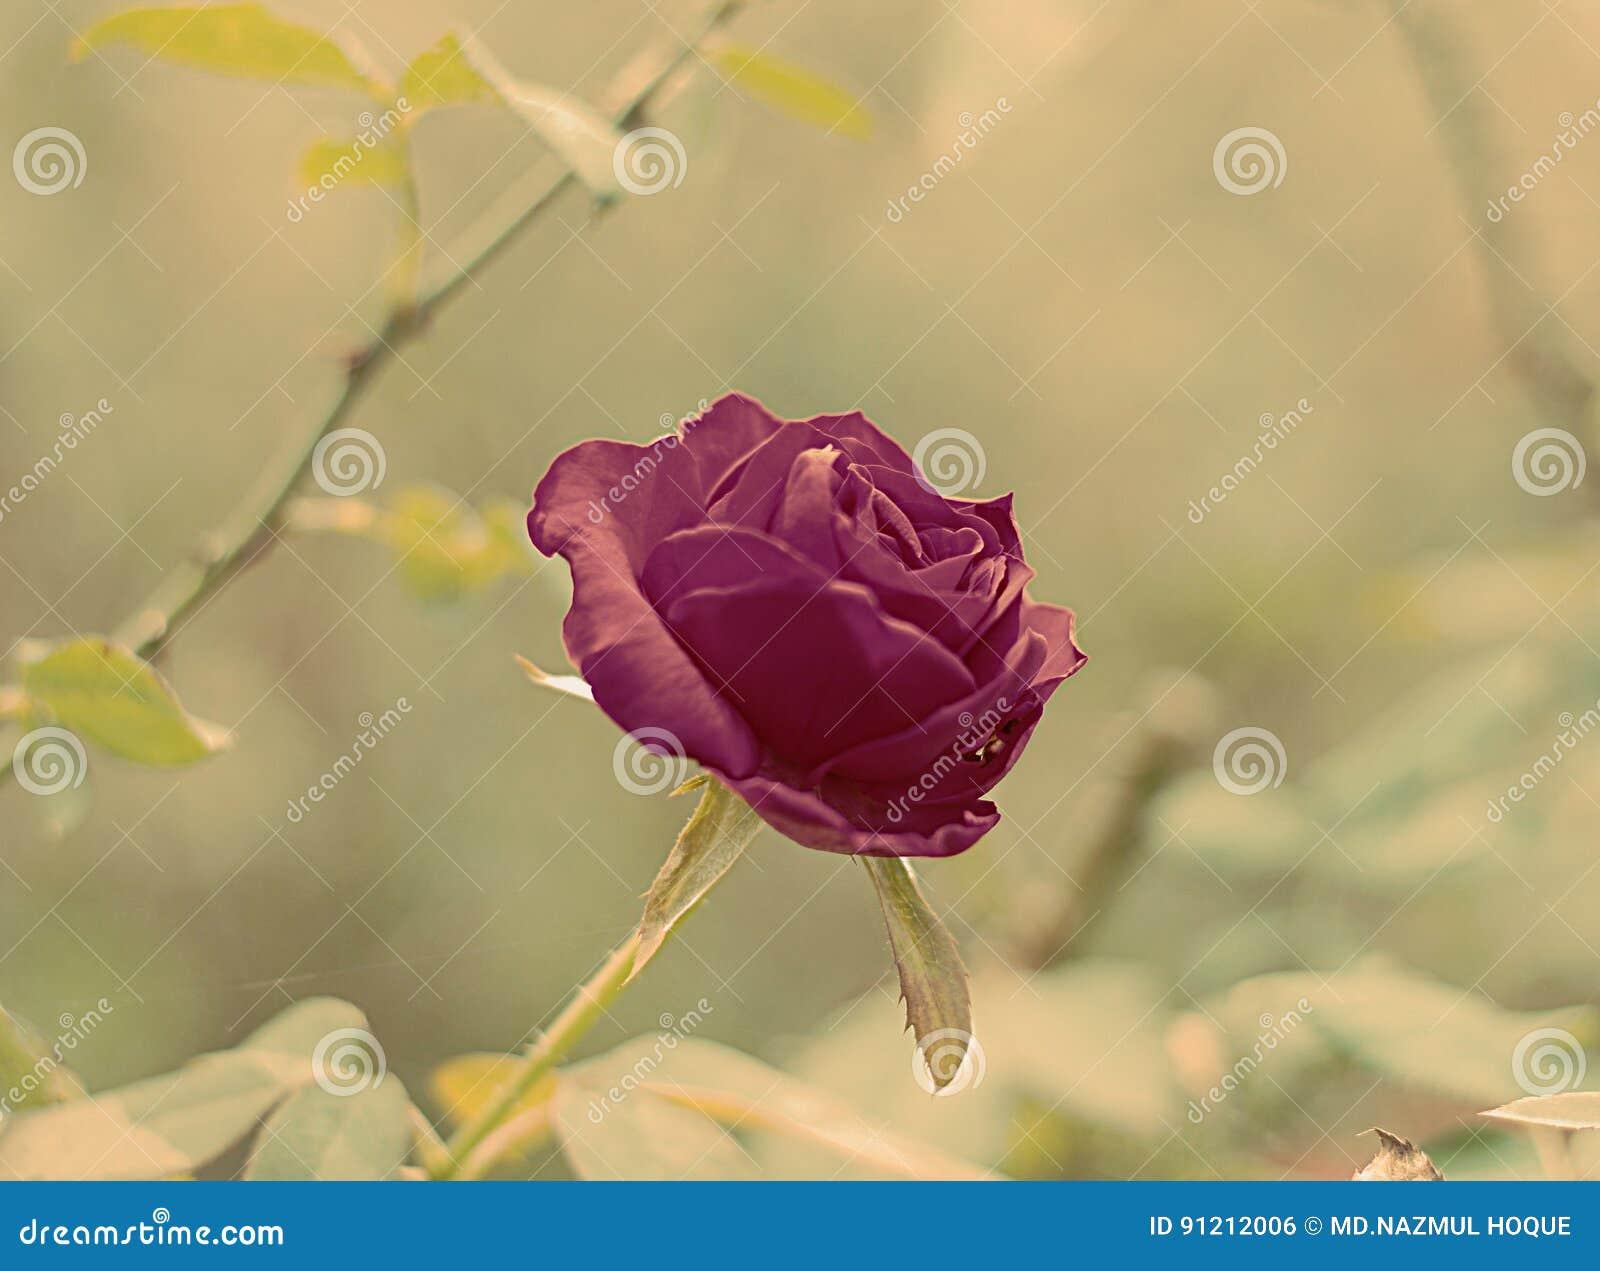 rose of bangladesh